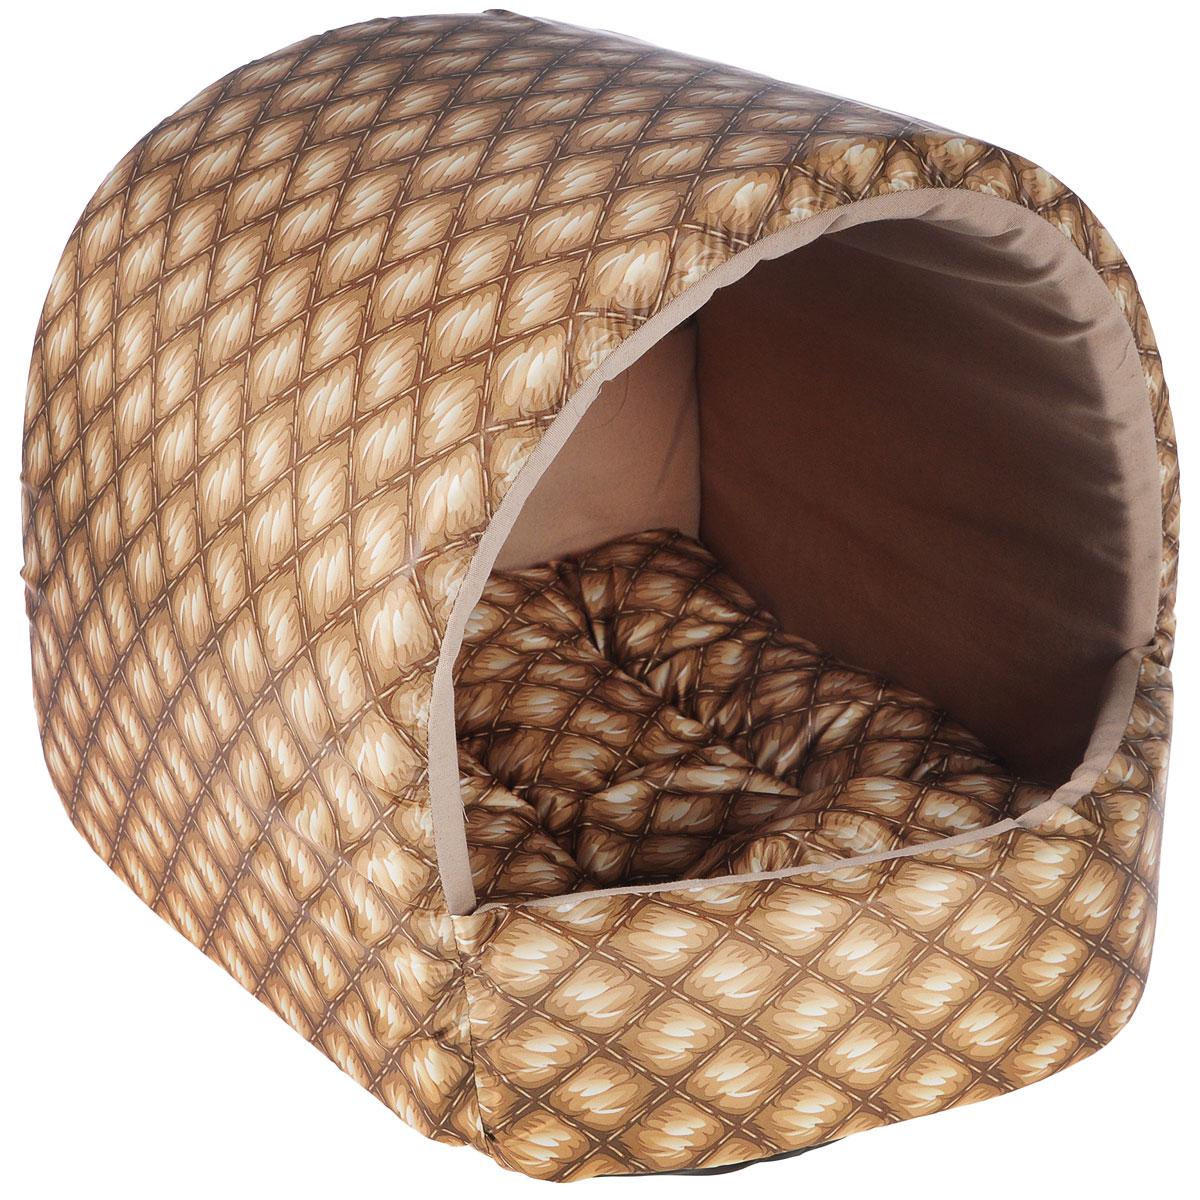 Домик для собак Happy Puppy Шотландия, цвет: песочный, бежевый, 37 x 37 x 40 смHP-170009Домик для собак Happy Puppy Шотландия обязательно понравится вашему питомцу. Он предназначен для собак мелких пород и изготовлен из полиэстера с водоотталкивающей пропиткой, внутри - мягкий наполнитель из мебельного поролона. Стежка надежно удерживает наполнитель внутри и не позволяет ему скатываться. Домик очень удобный и уютный, он оснащен мягкой съемной подстилкой с наполнителем из холлофайбера. Ваш любимец сразу же захочет забраться внутрь, там он сможет отдохнуть и спрятаться. Компактные размеры позволят поместить домик, где угодно, а приятная цветовая гамма сделает его оригинальным дополнением к любому интерьеру. Размер подстилки: 37 х 37 х 40 см. Внутренняя высота домика (с учетом подстилки): 27 см. Толщина стенки: 3 см.